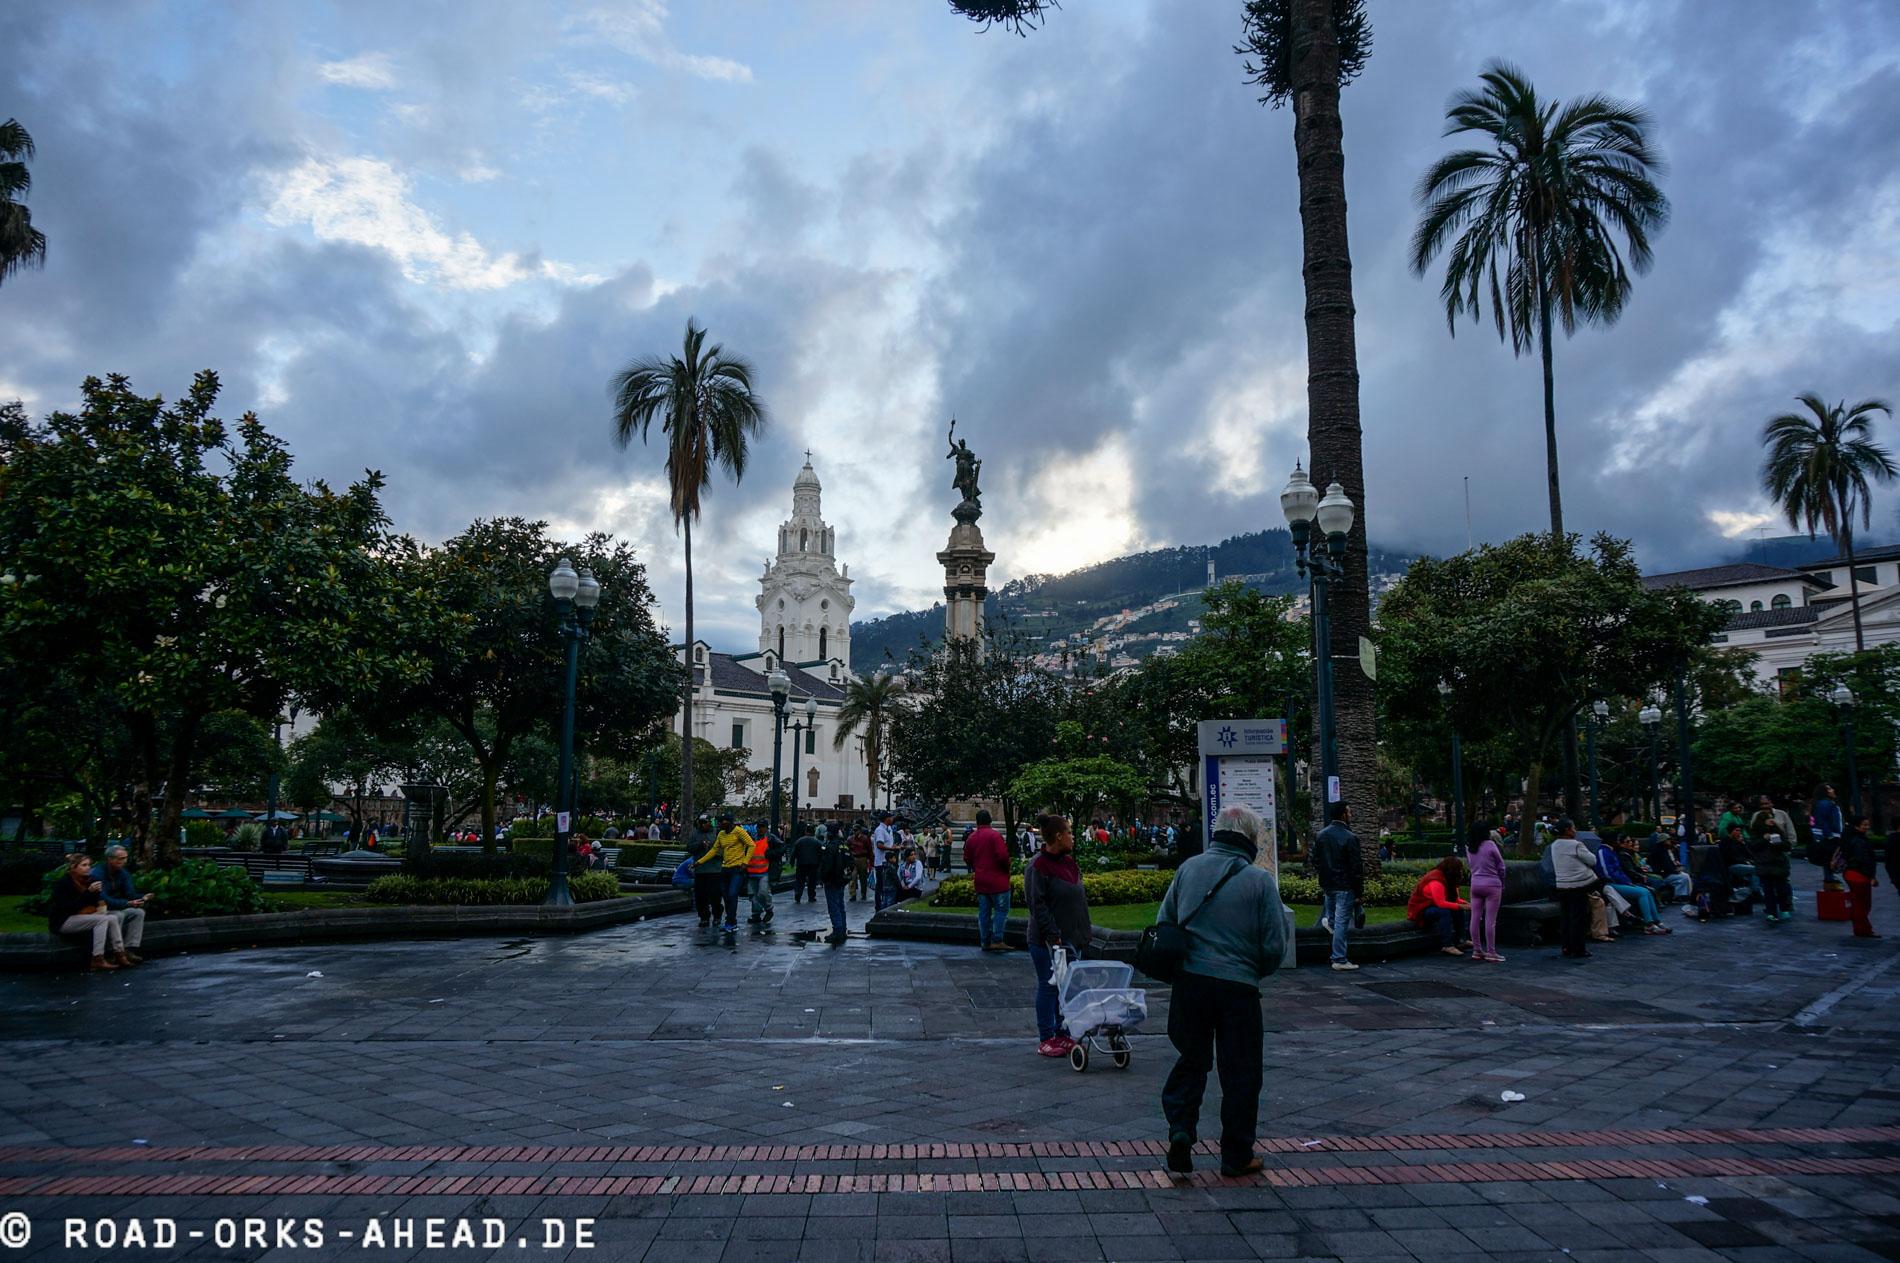 Quito Plaza de la Independencia